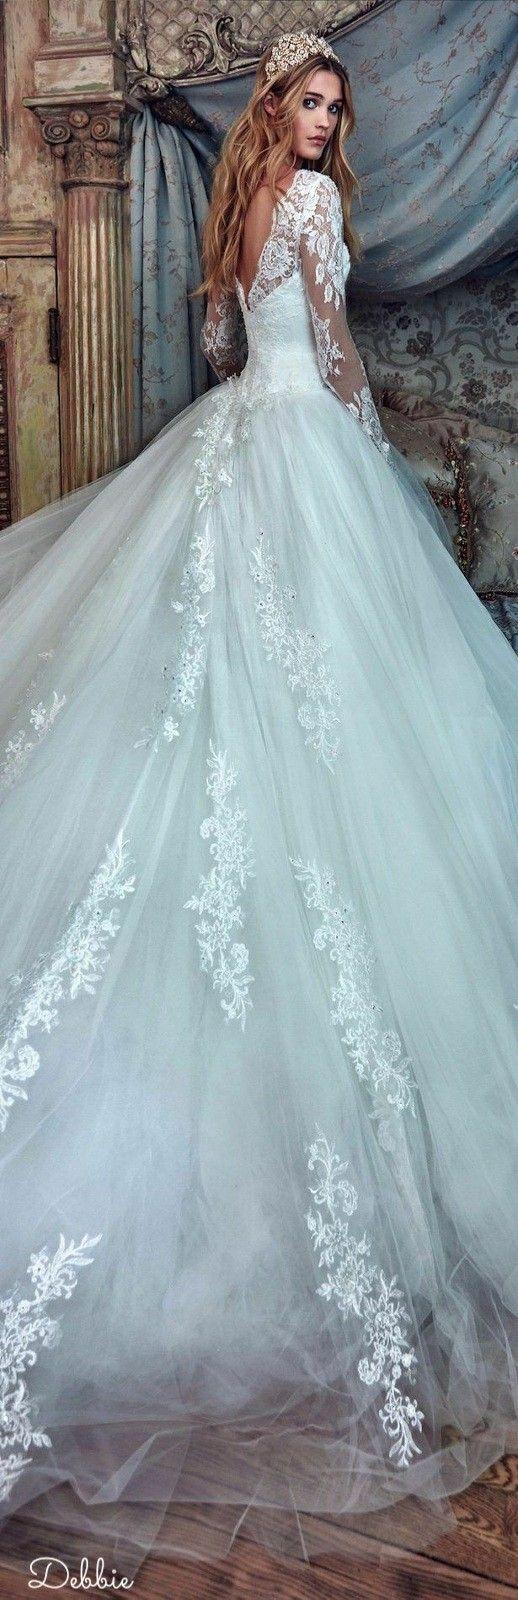 Mejores 447 imágenes de A Cinderella Story ❤ en Pinterest ...